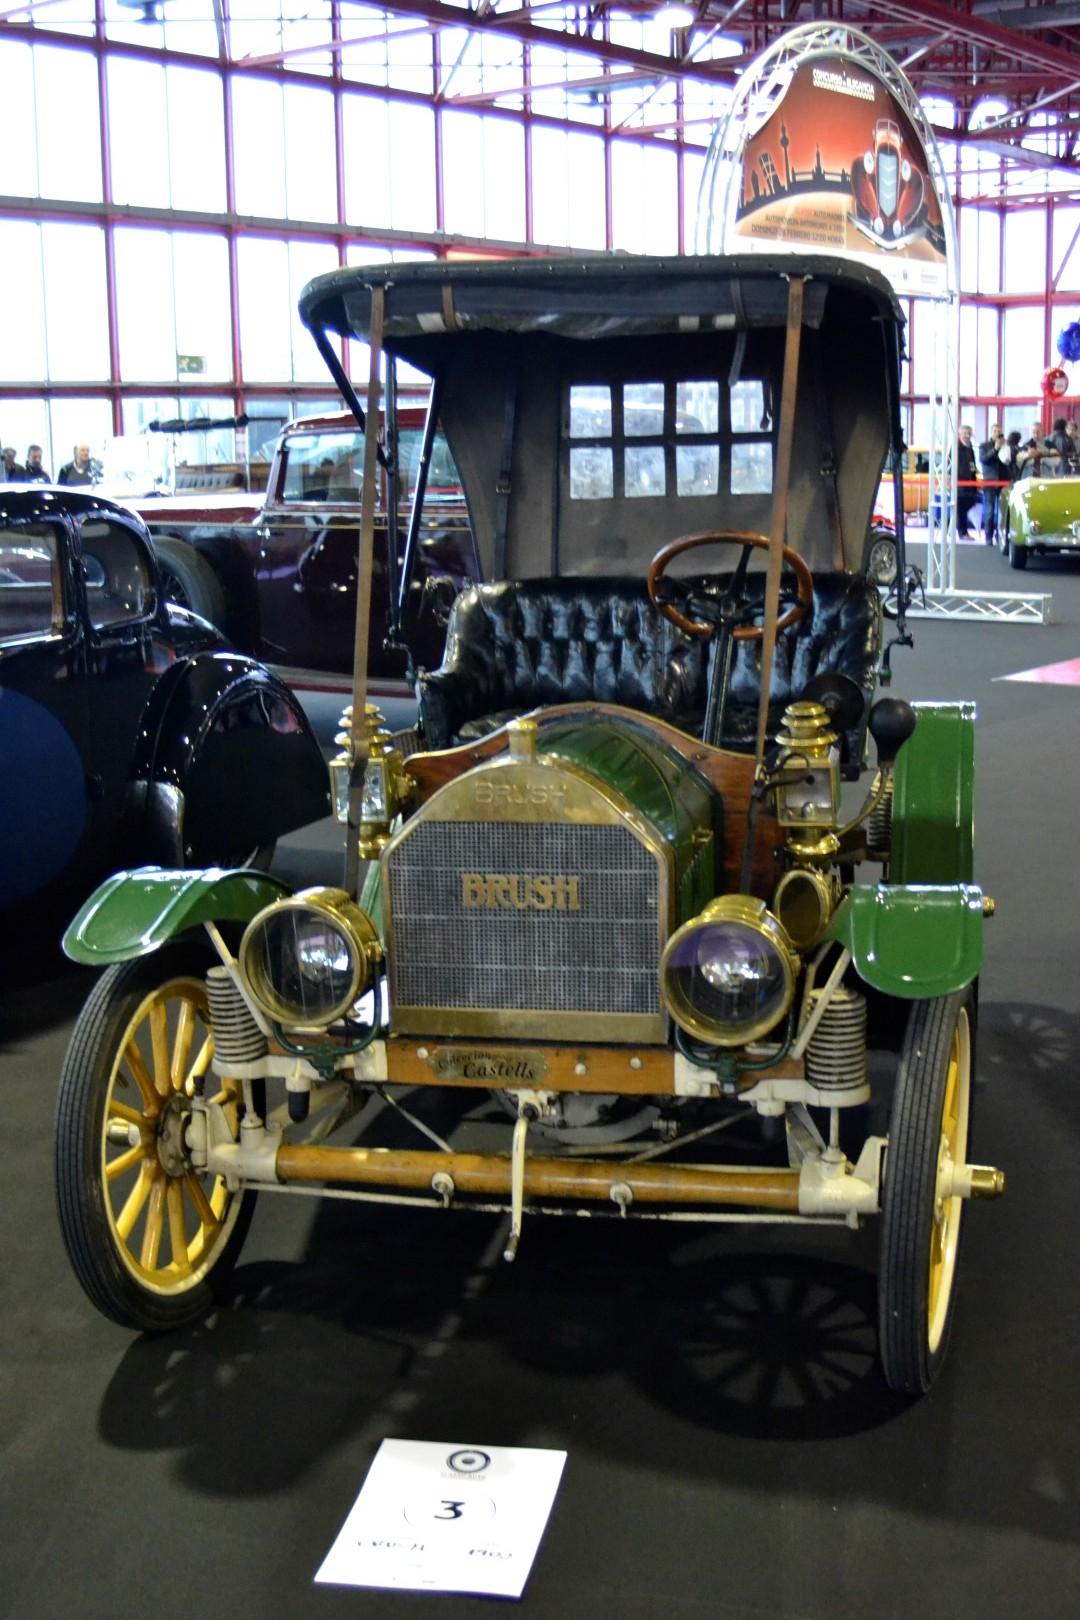 ClassicAuto2016 - Brush 1906